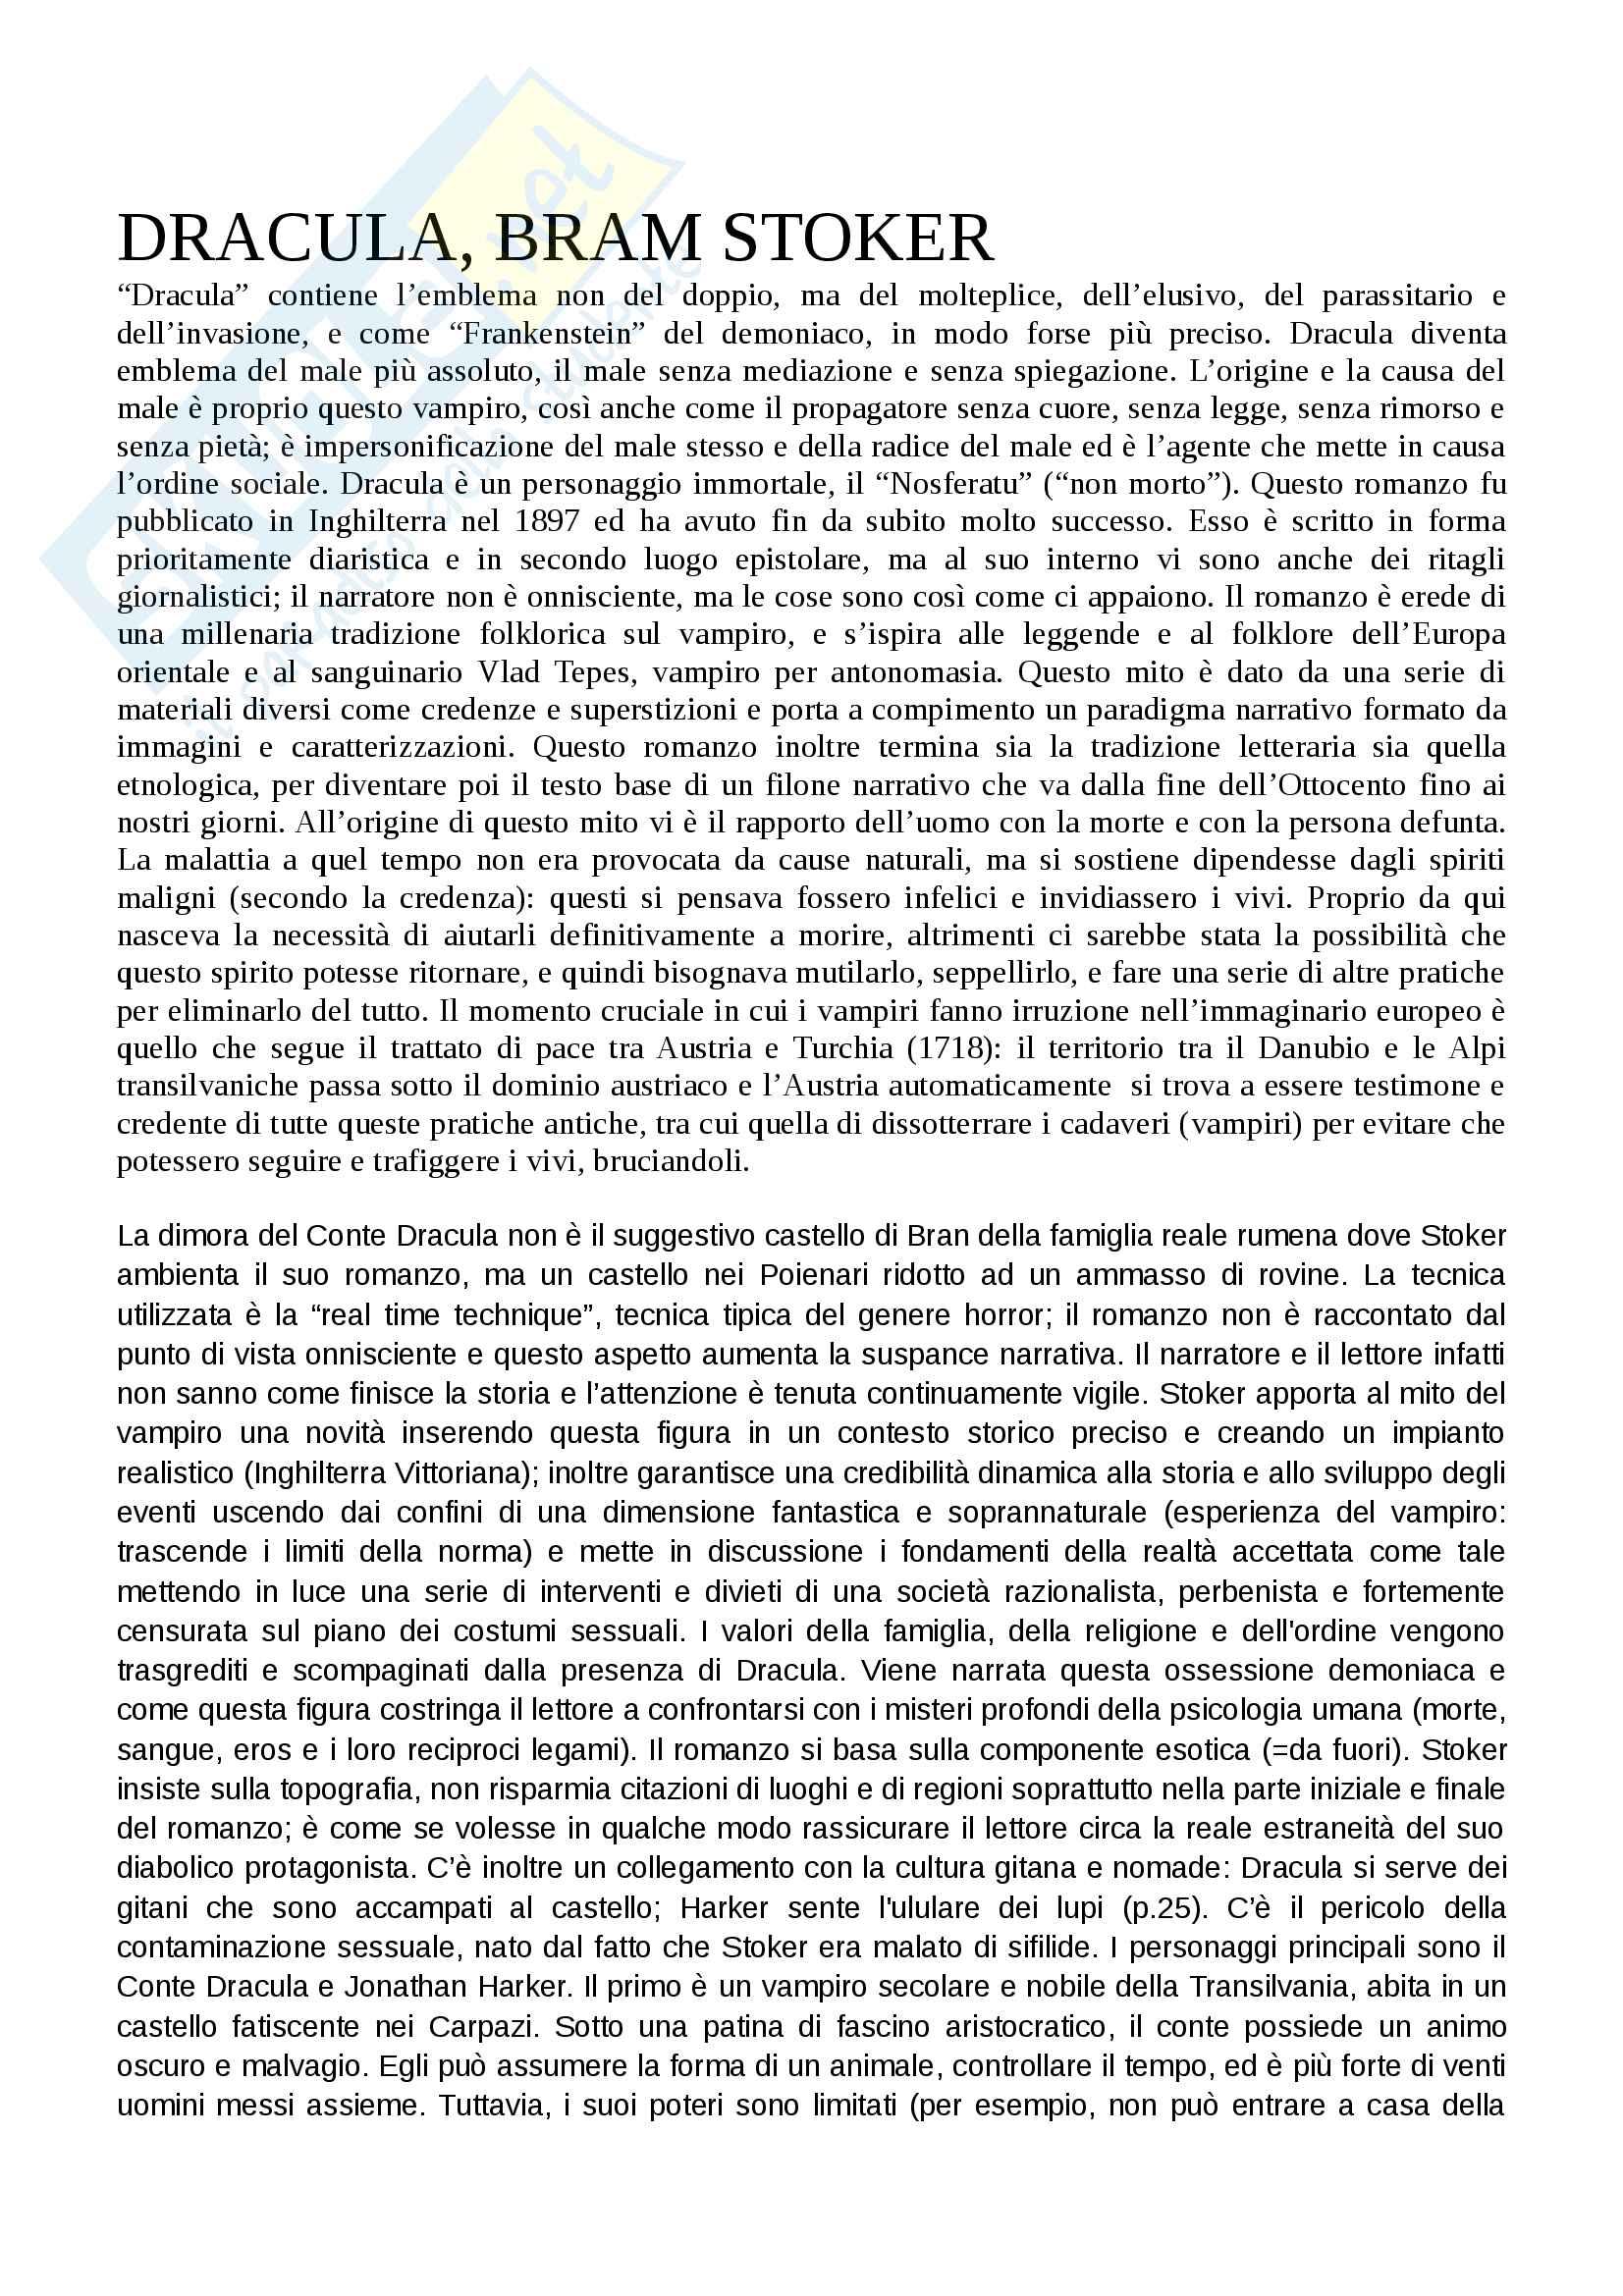 """""""Dracula"""": analisi approfondita del testo e contesto - Letteratura Inglese"""